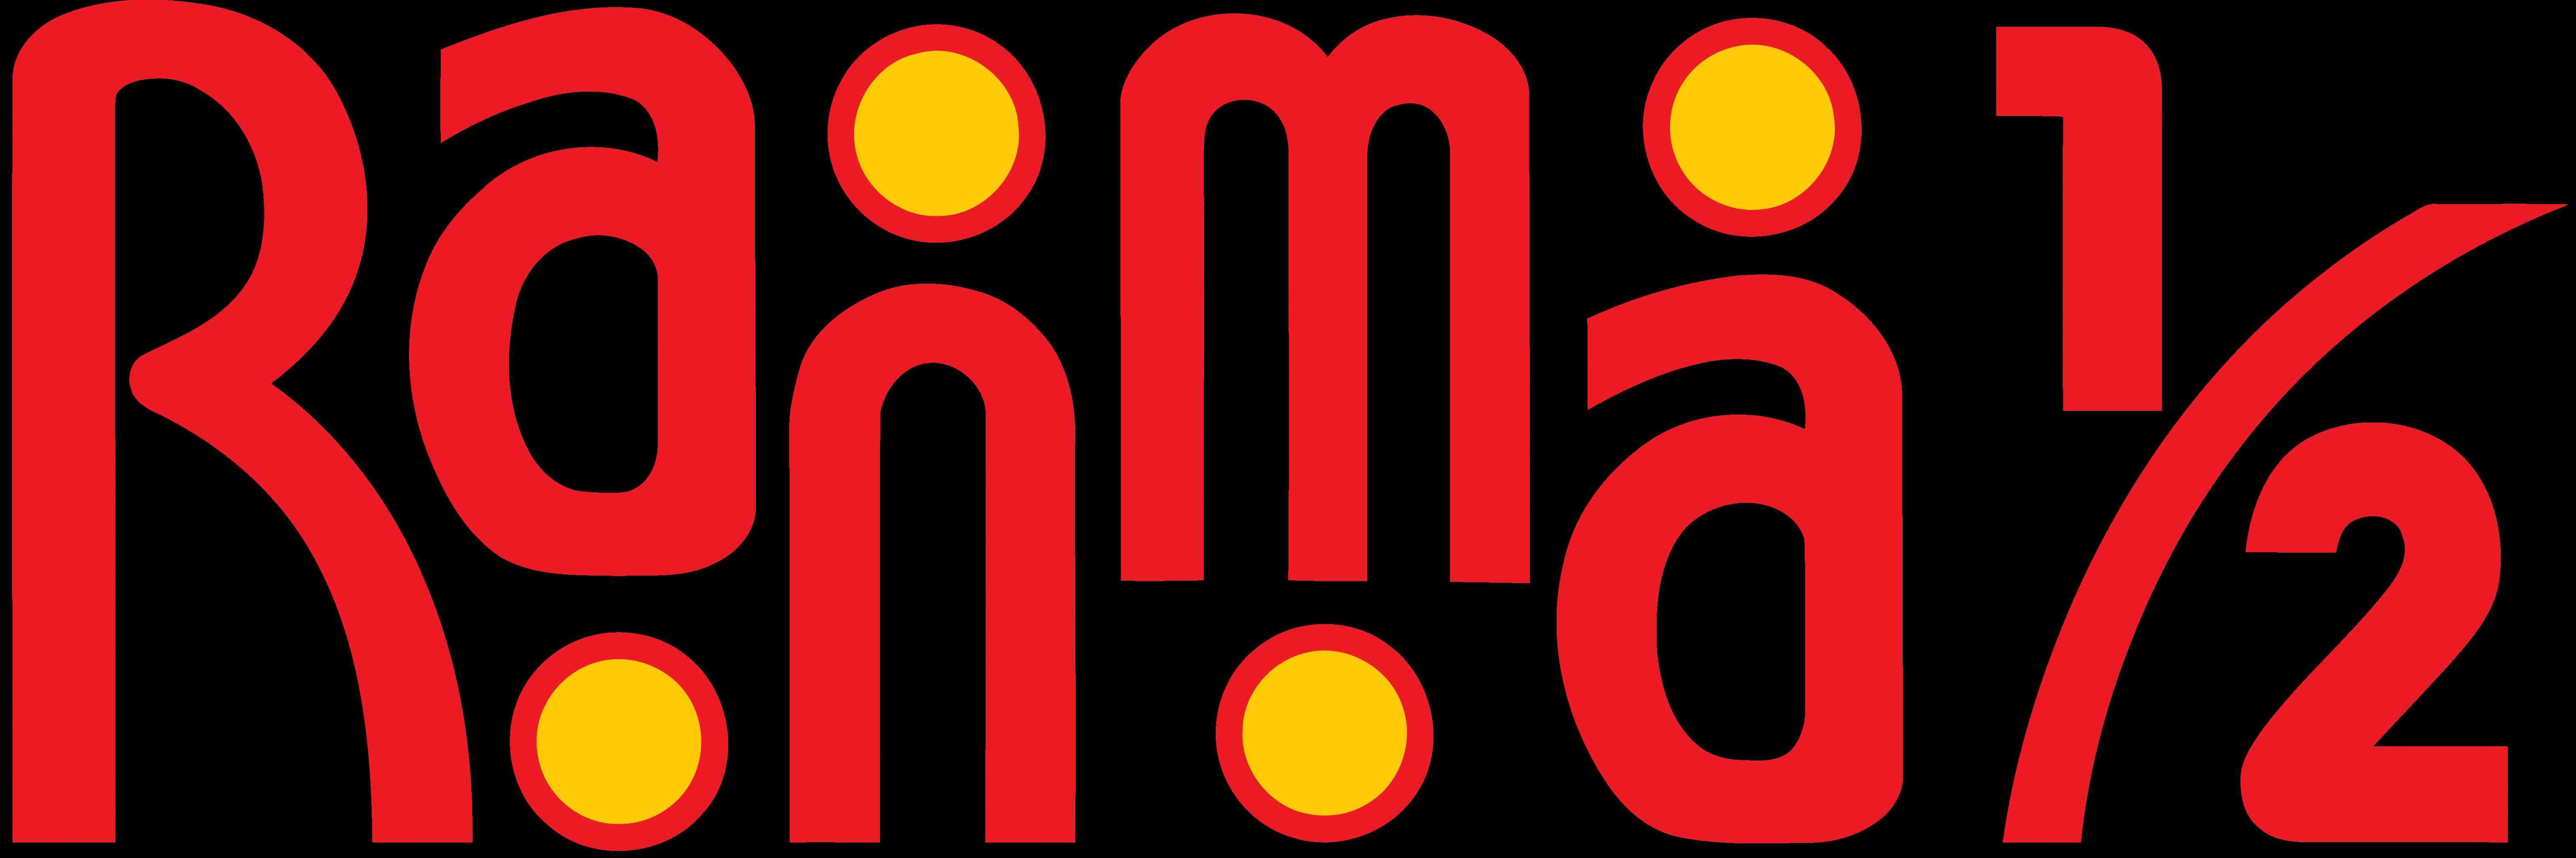 File:Ranma ½ rebuilt logo in vector graphics.png.